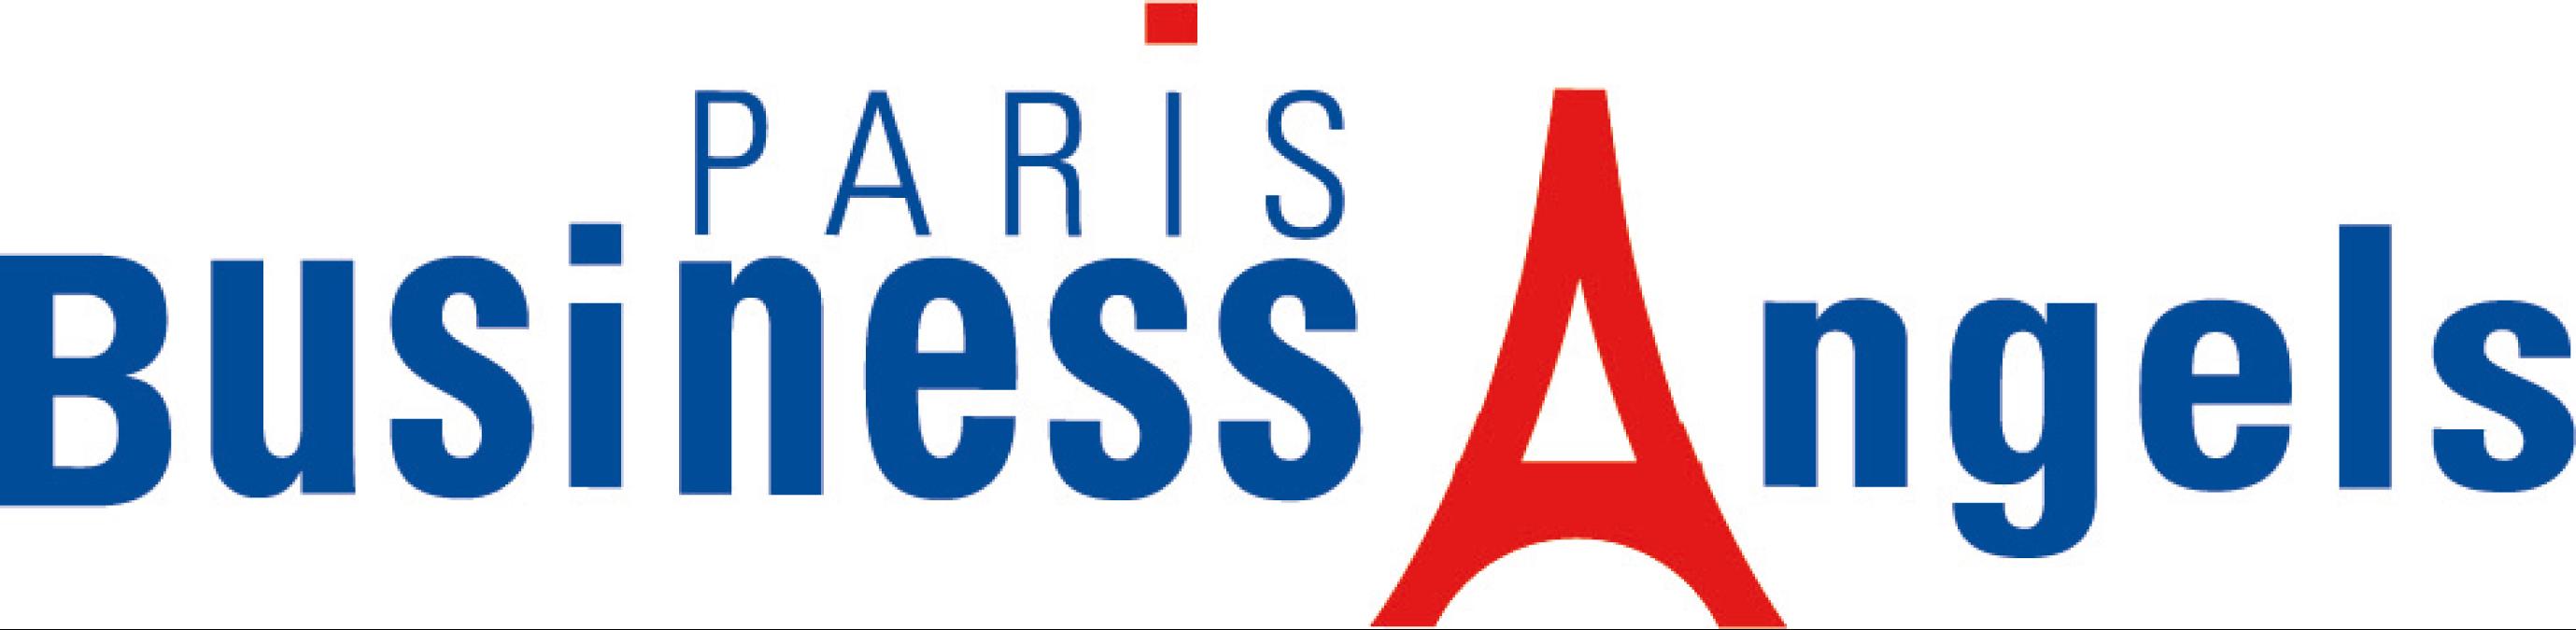 paris business angels partenaire innersense